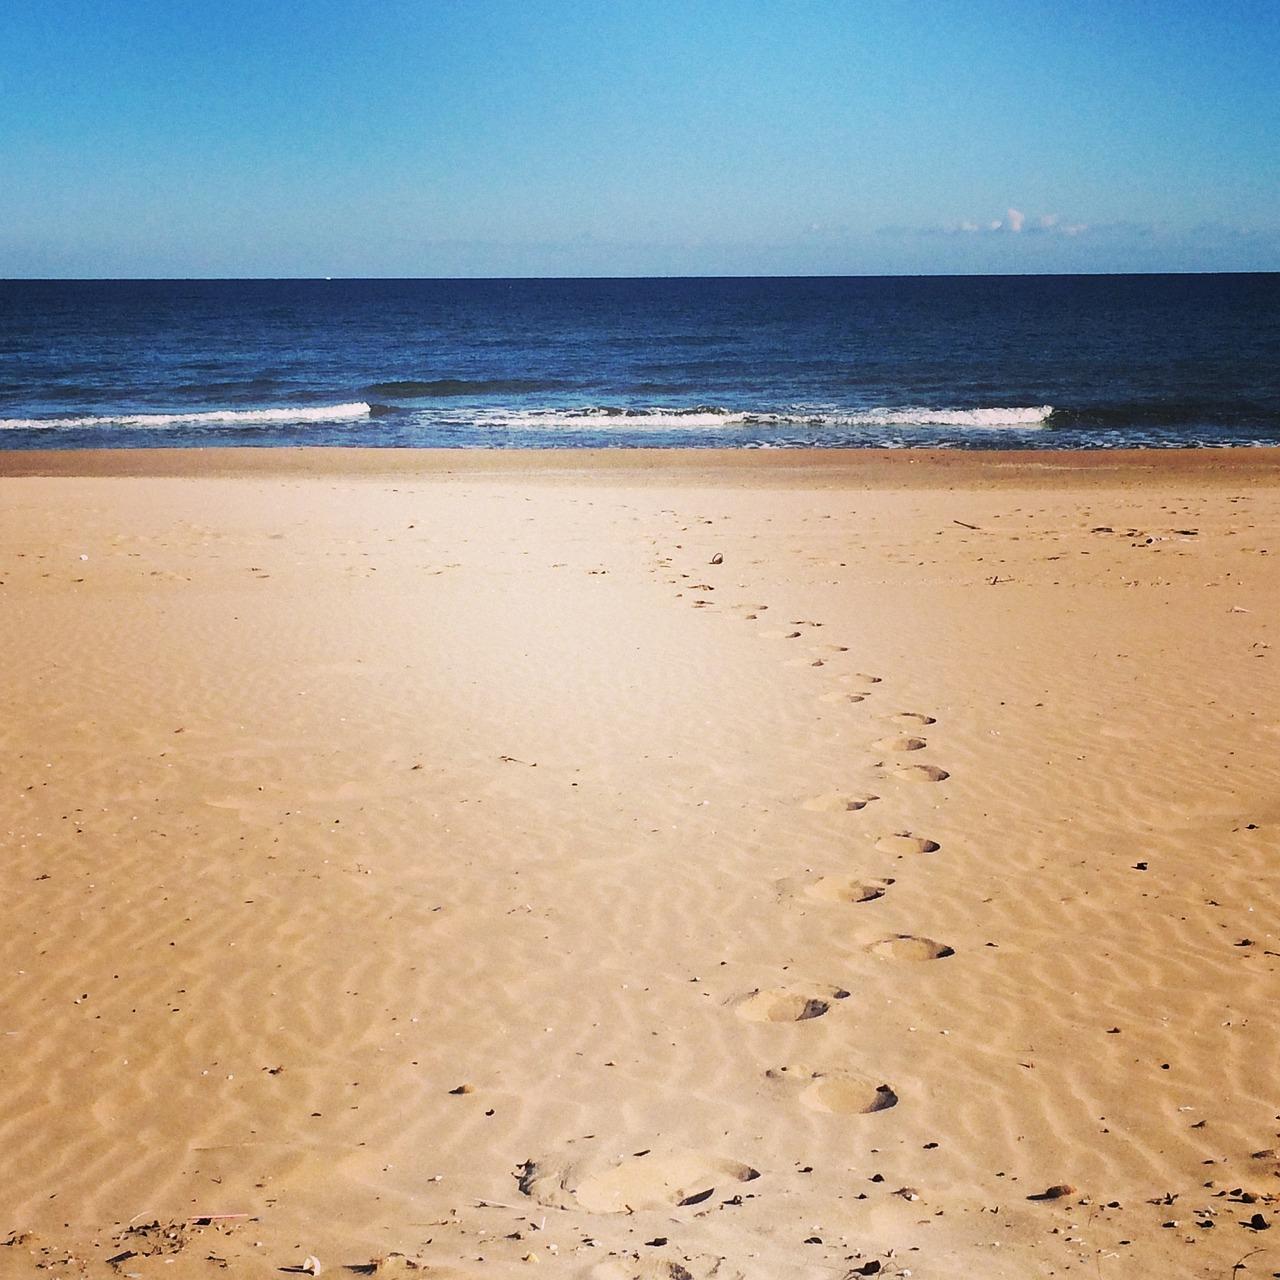 Пляж фотографии без людей